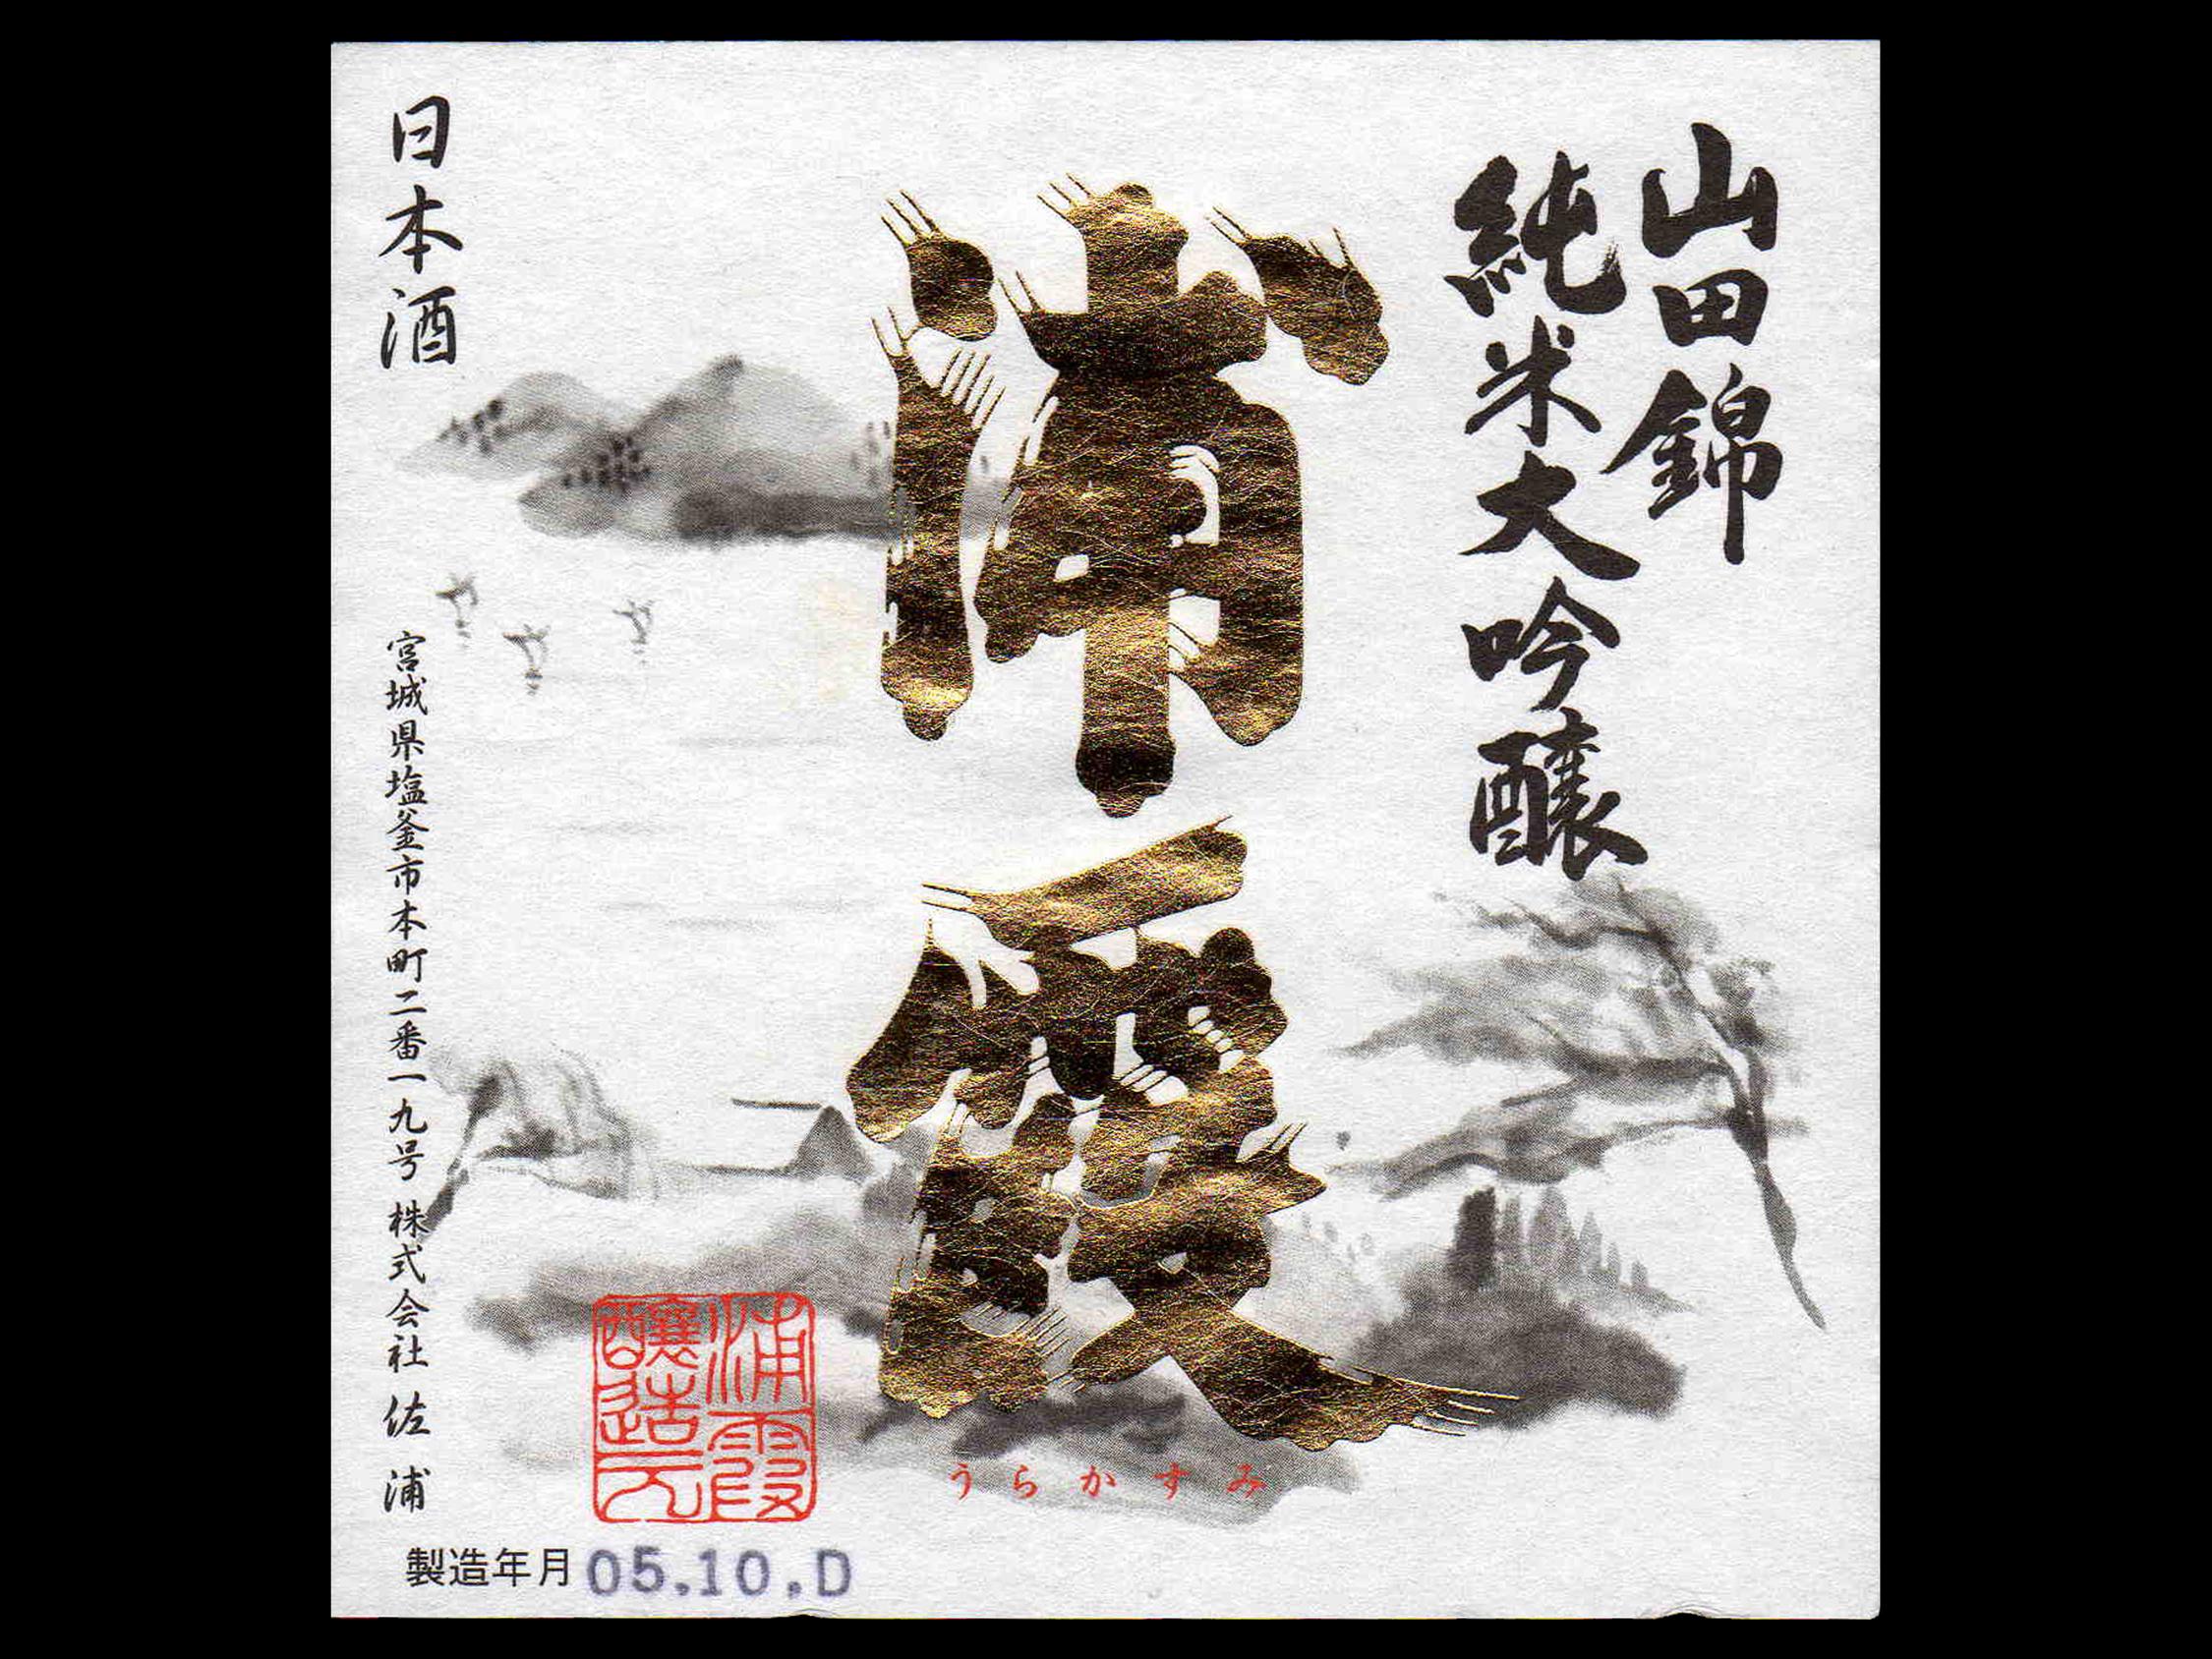 浦霞(うらかすみ)「純米大吟醸」山田錦ラベル